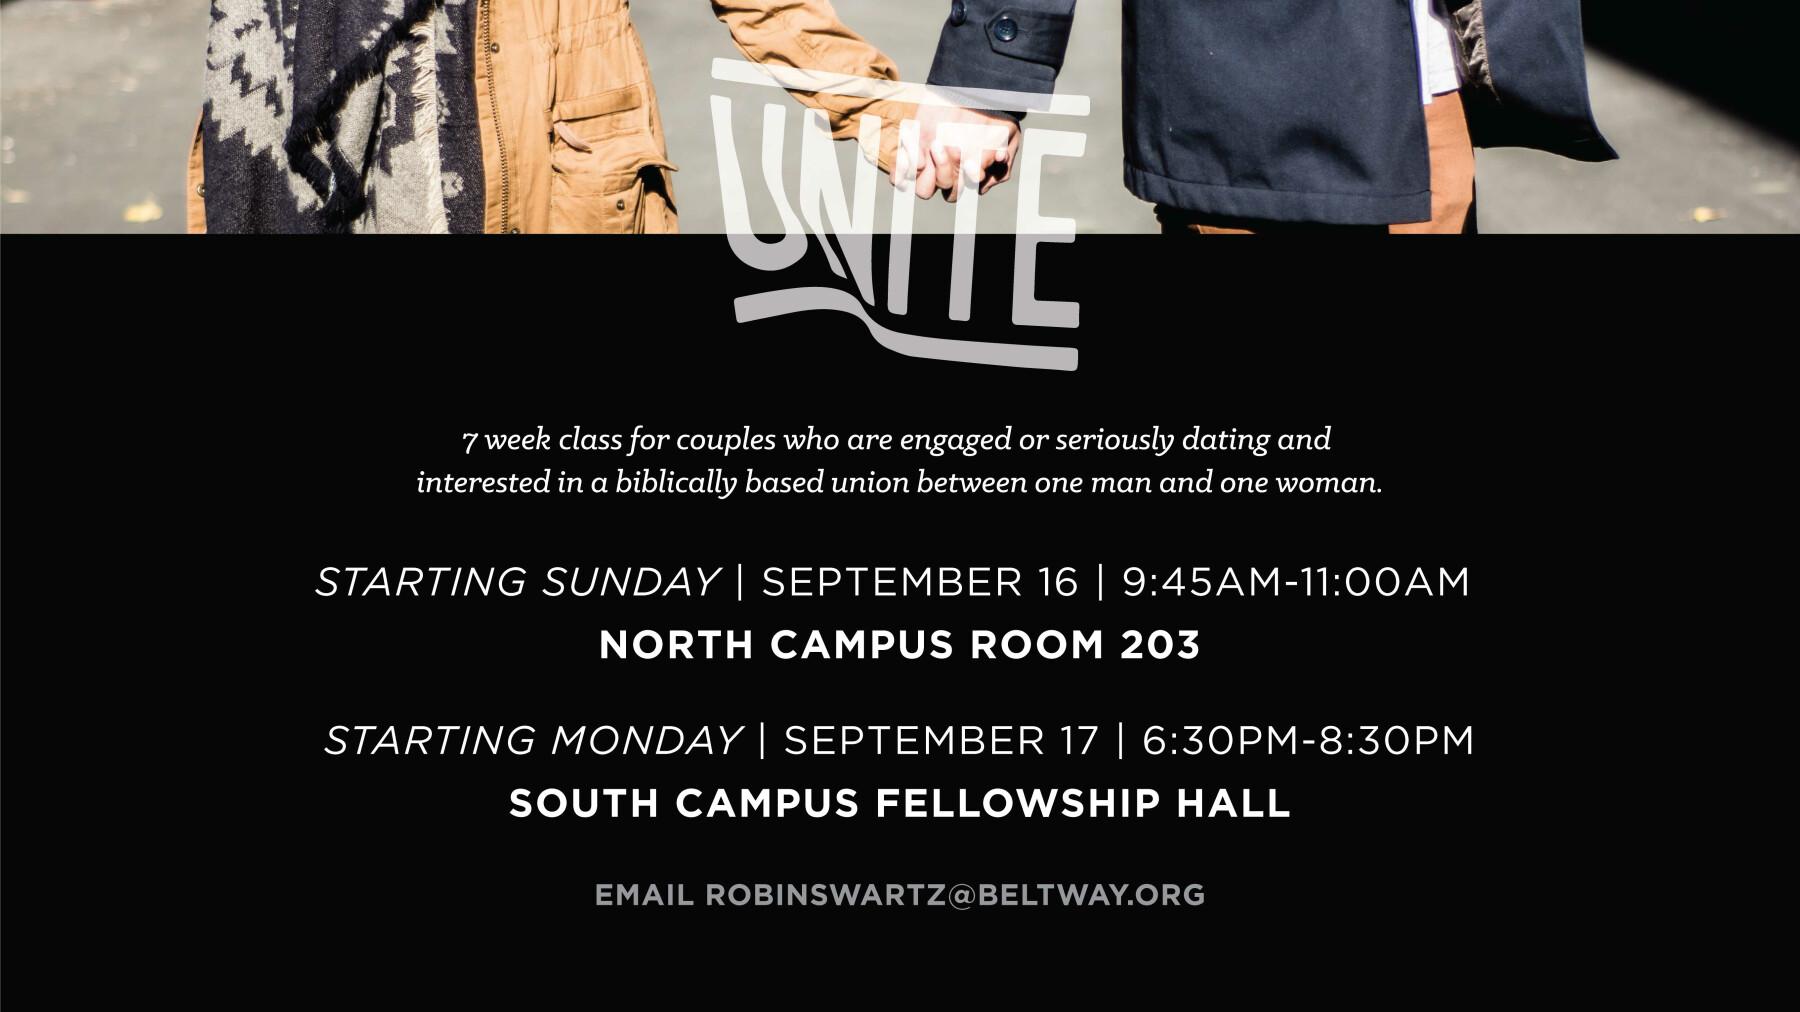 Unite Premarital Class NORTH